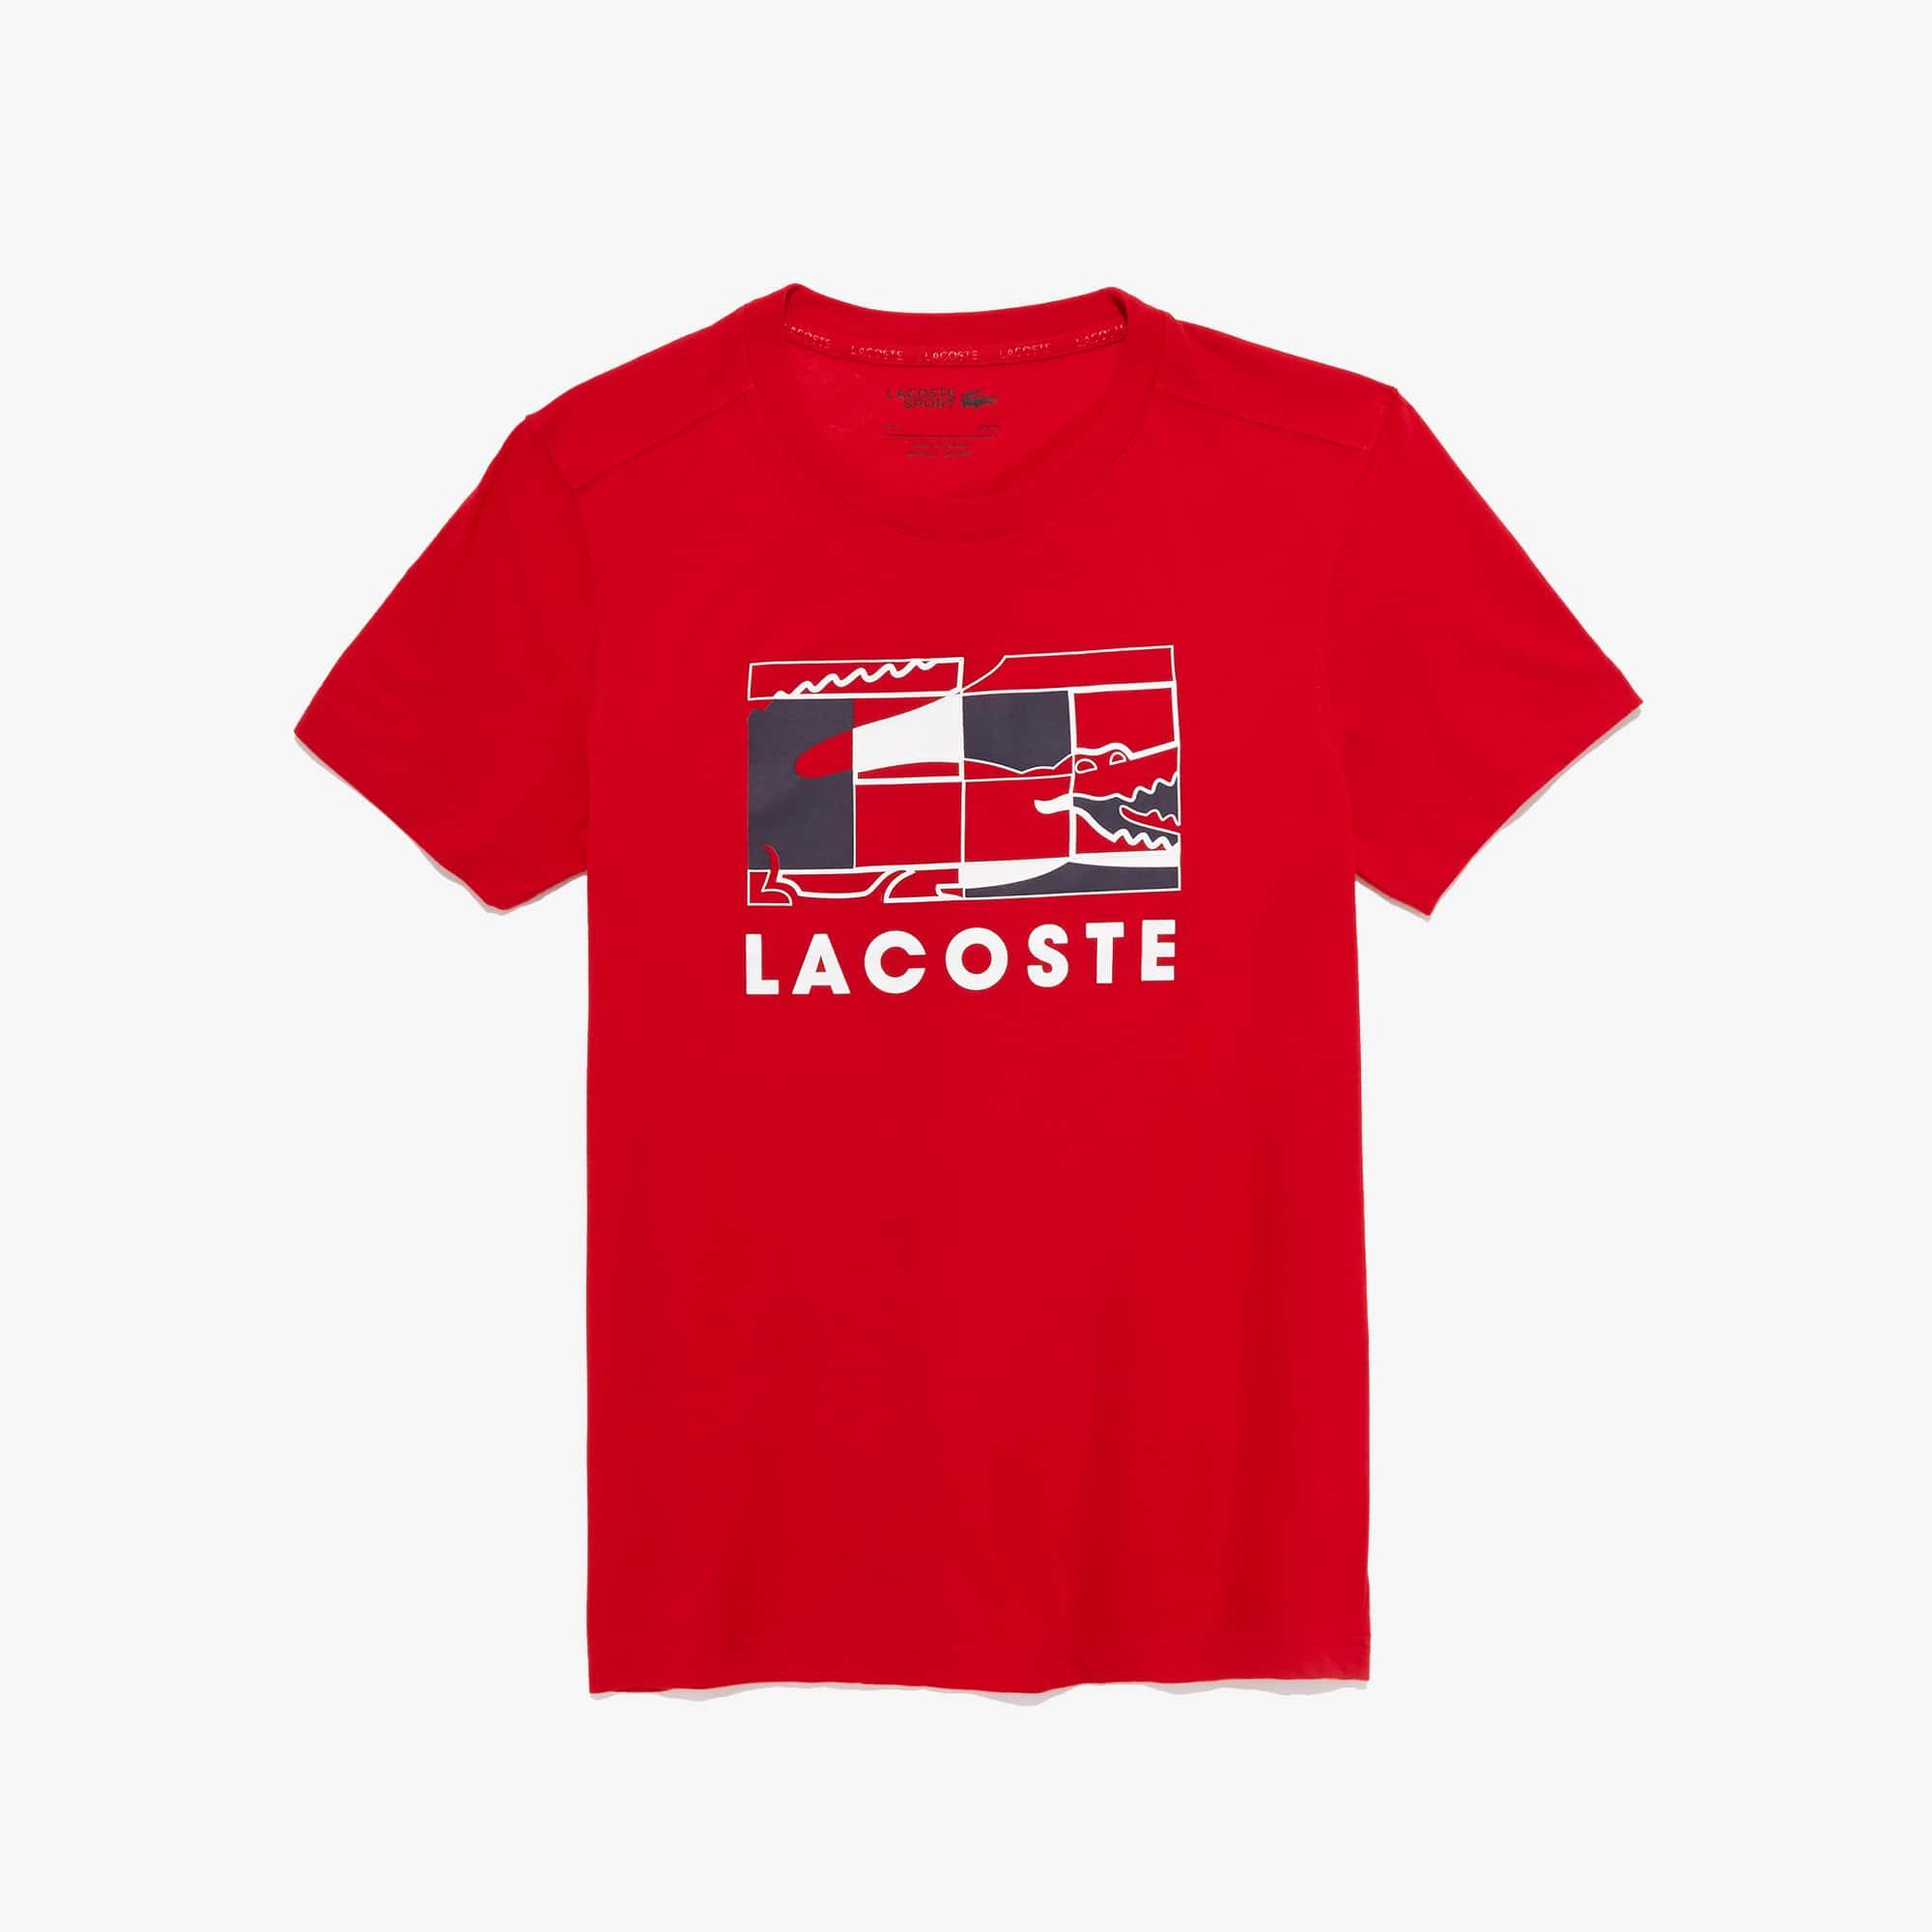 Lacoste Tops Men's SPORT Crocodile Design Breathable T-shirt